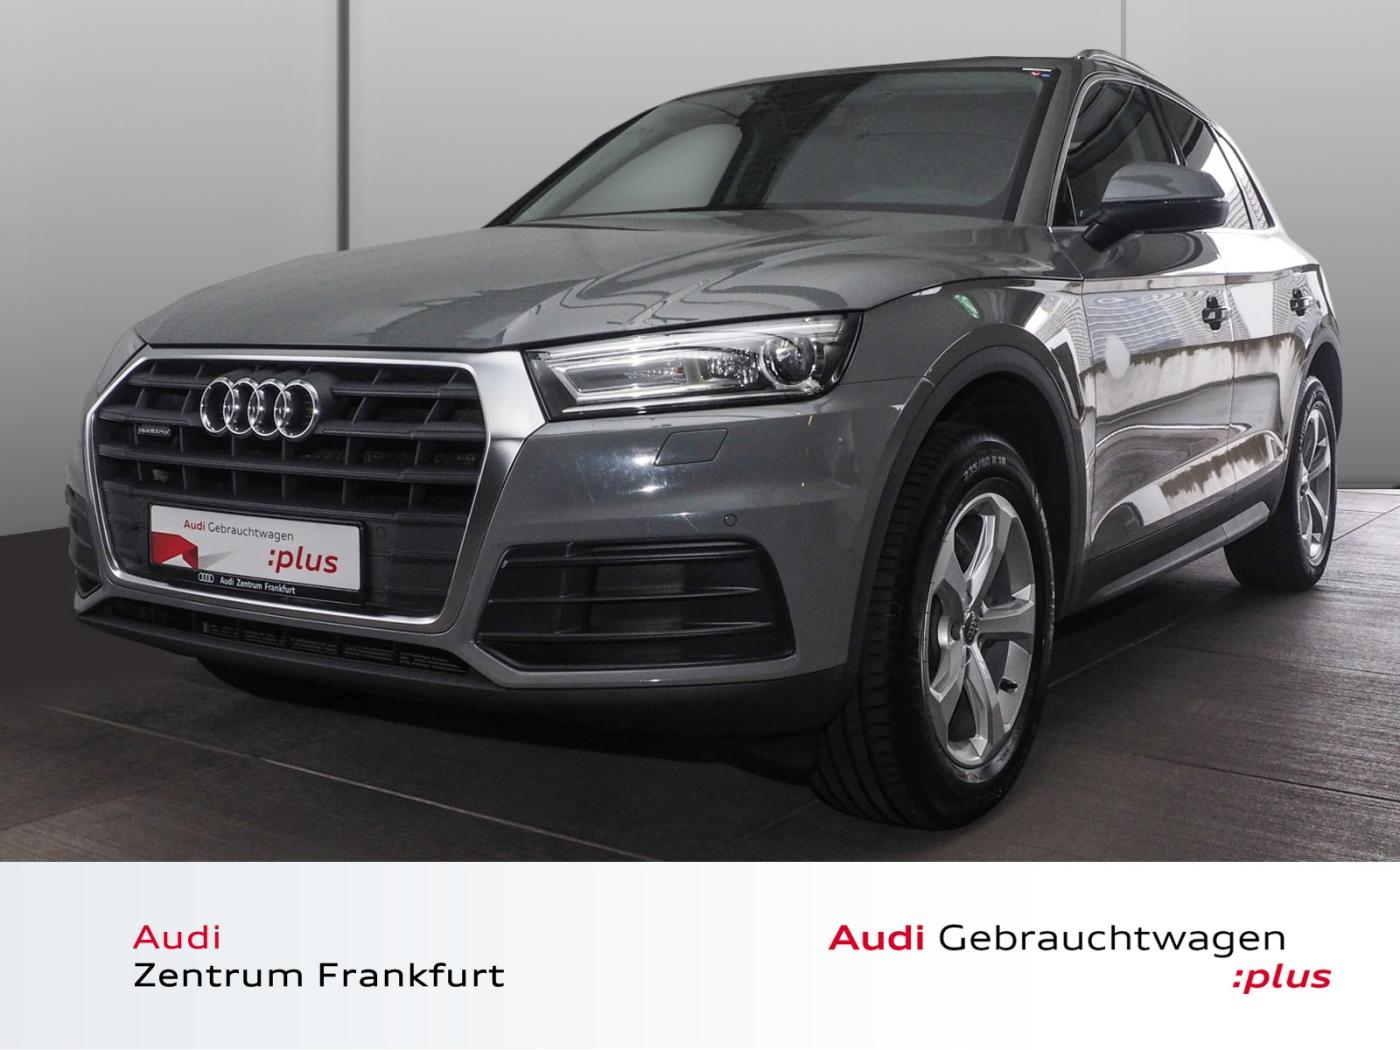 Audi Q5 40 TDI quattro S tronic Navi Xenon Tempomat P, Jahr 2018, Diesel